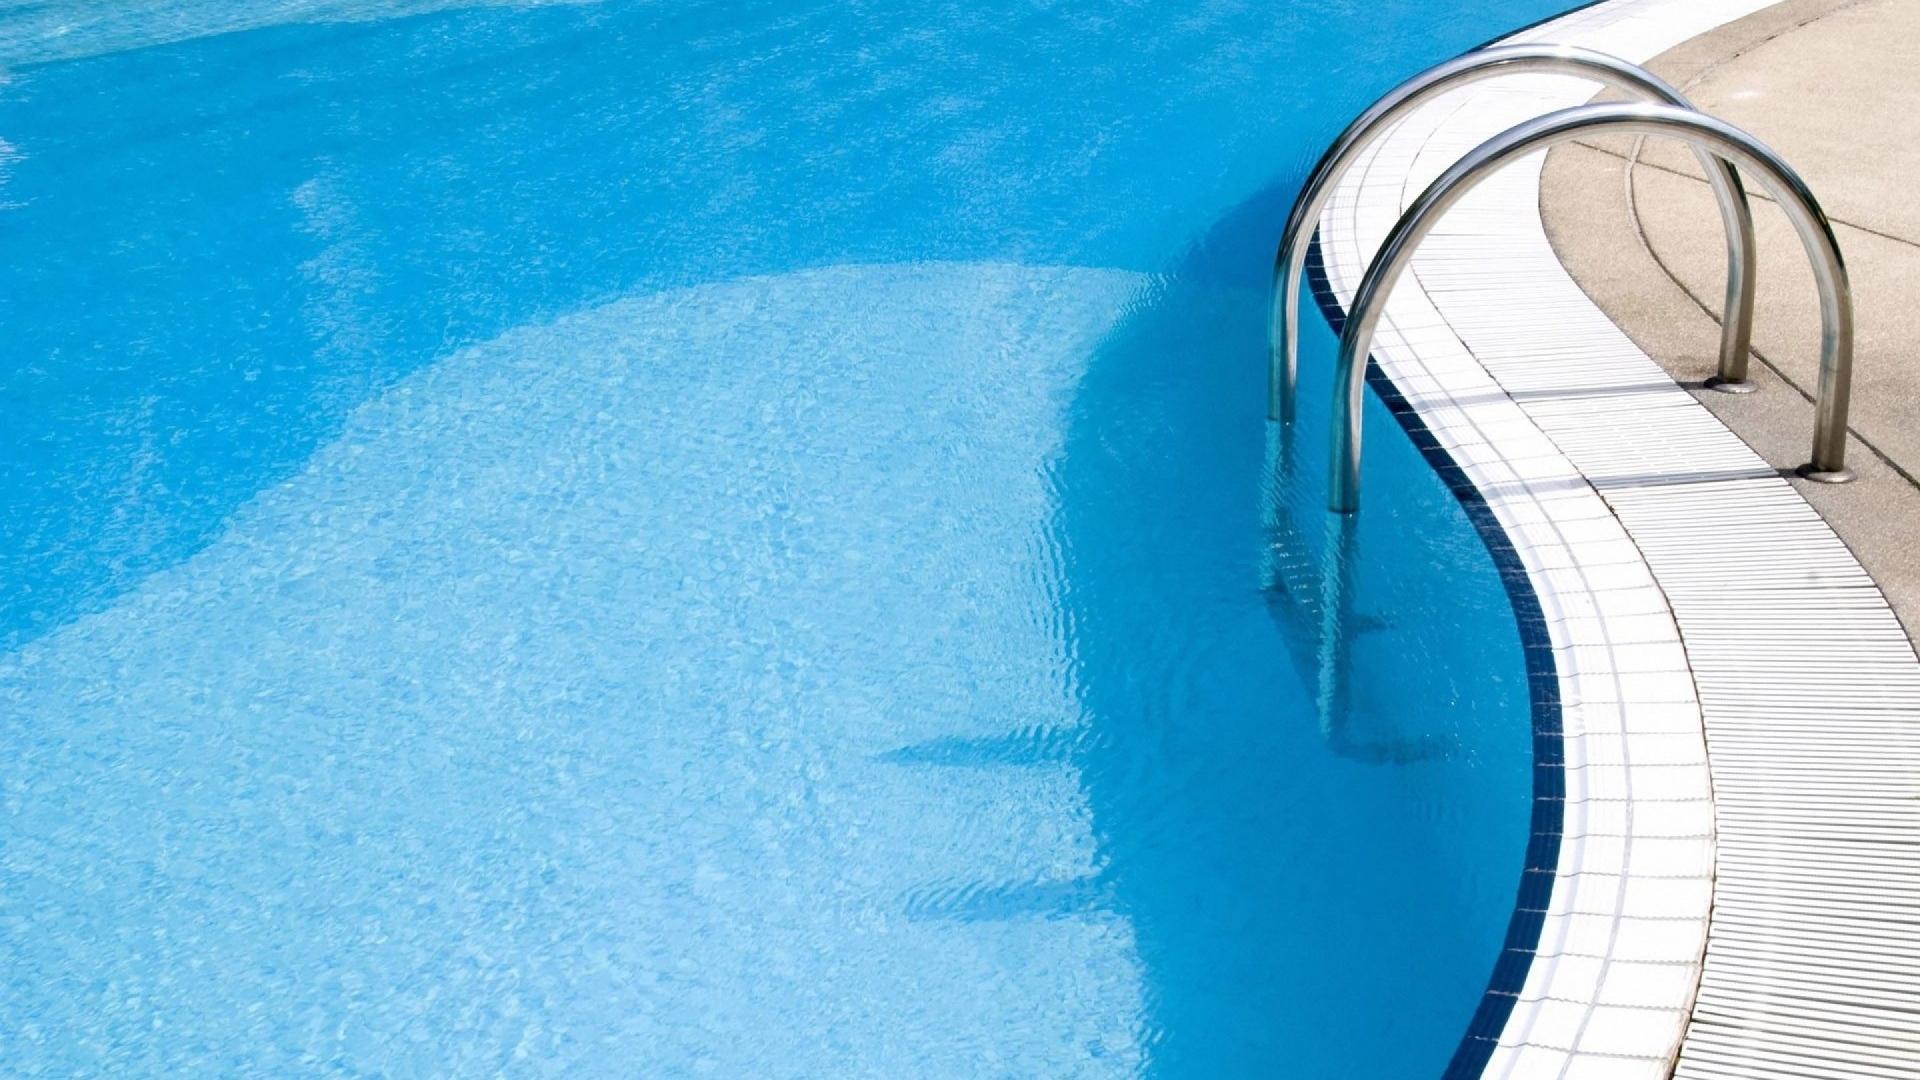 Pool Water Hd pool water wallpaper - wallpapersafari